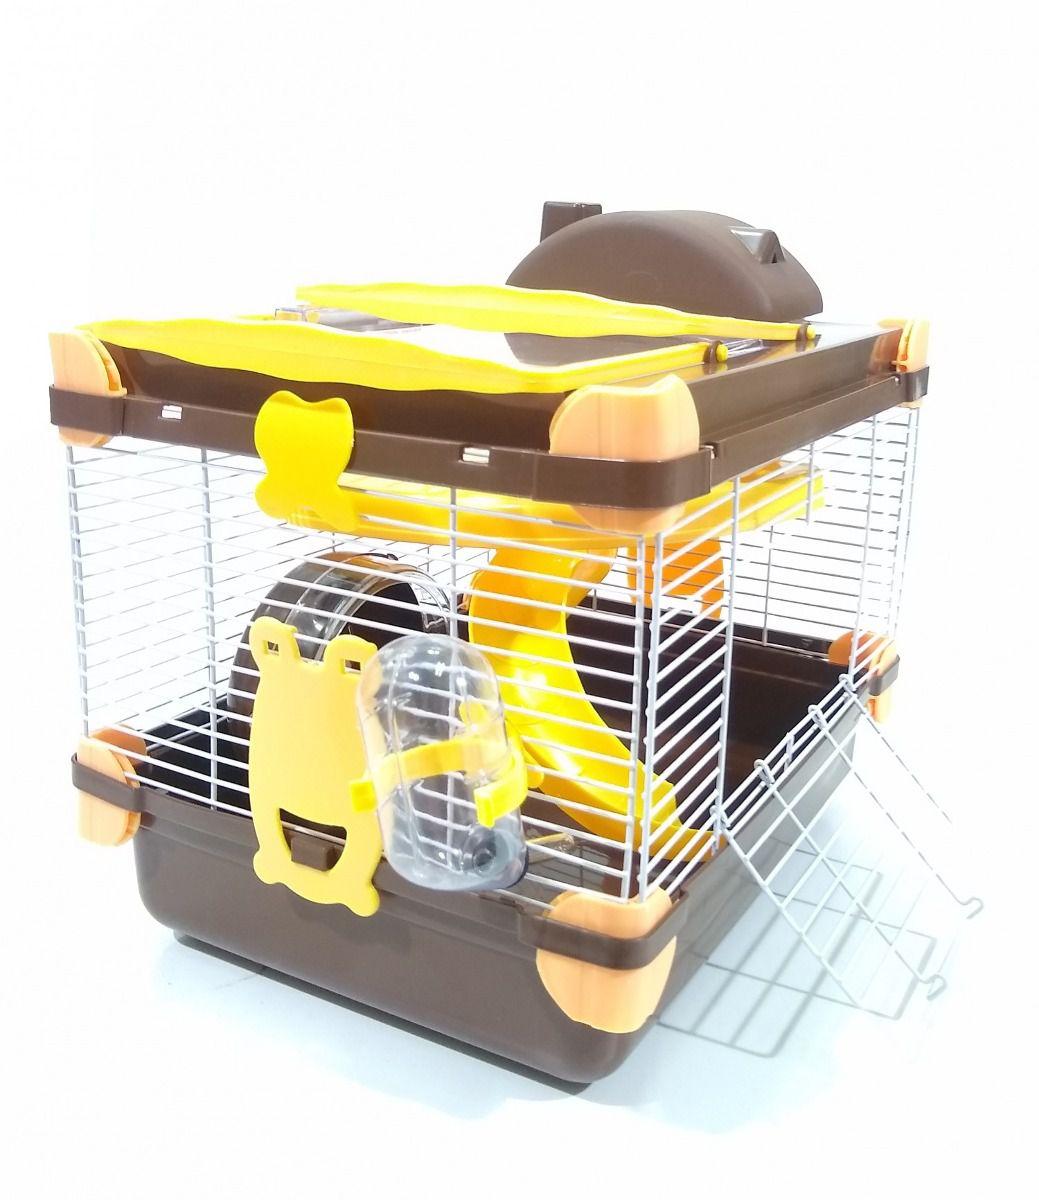 Gaiola Hamster Vip Acrílico Completa Azul 30x24x24